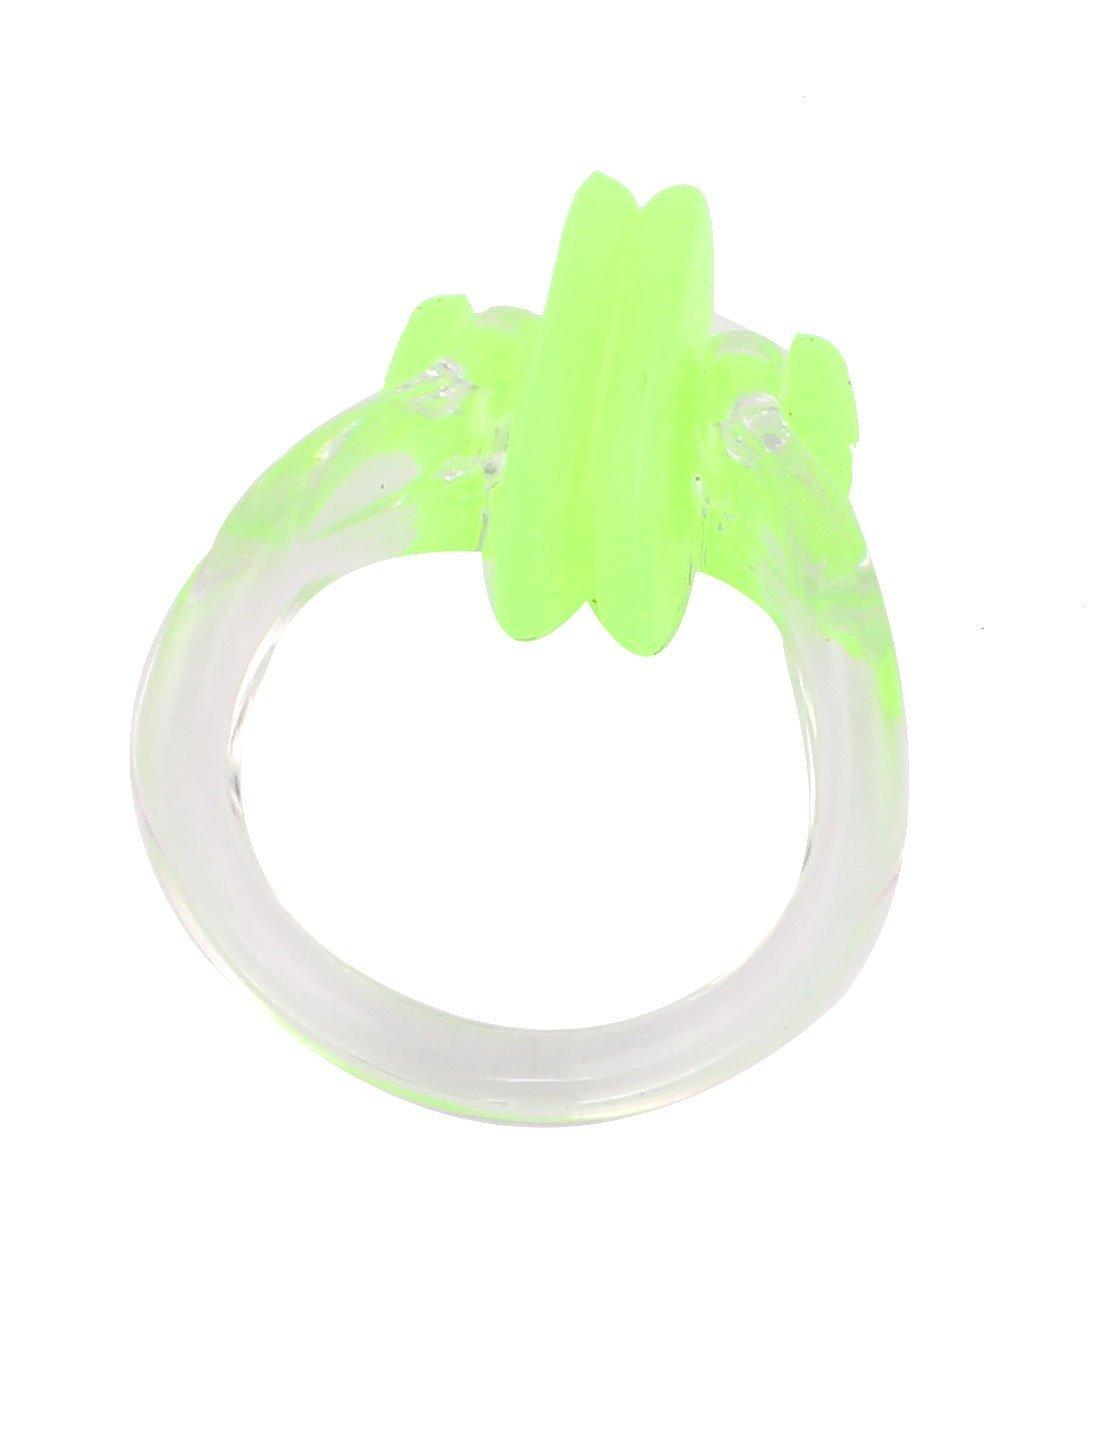 Amazon.com : eDealMax par de natación Conjunto de Protección Clip de la nariz tapón auditivo Verde : Sports & Outdoors